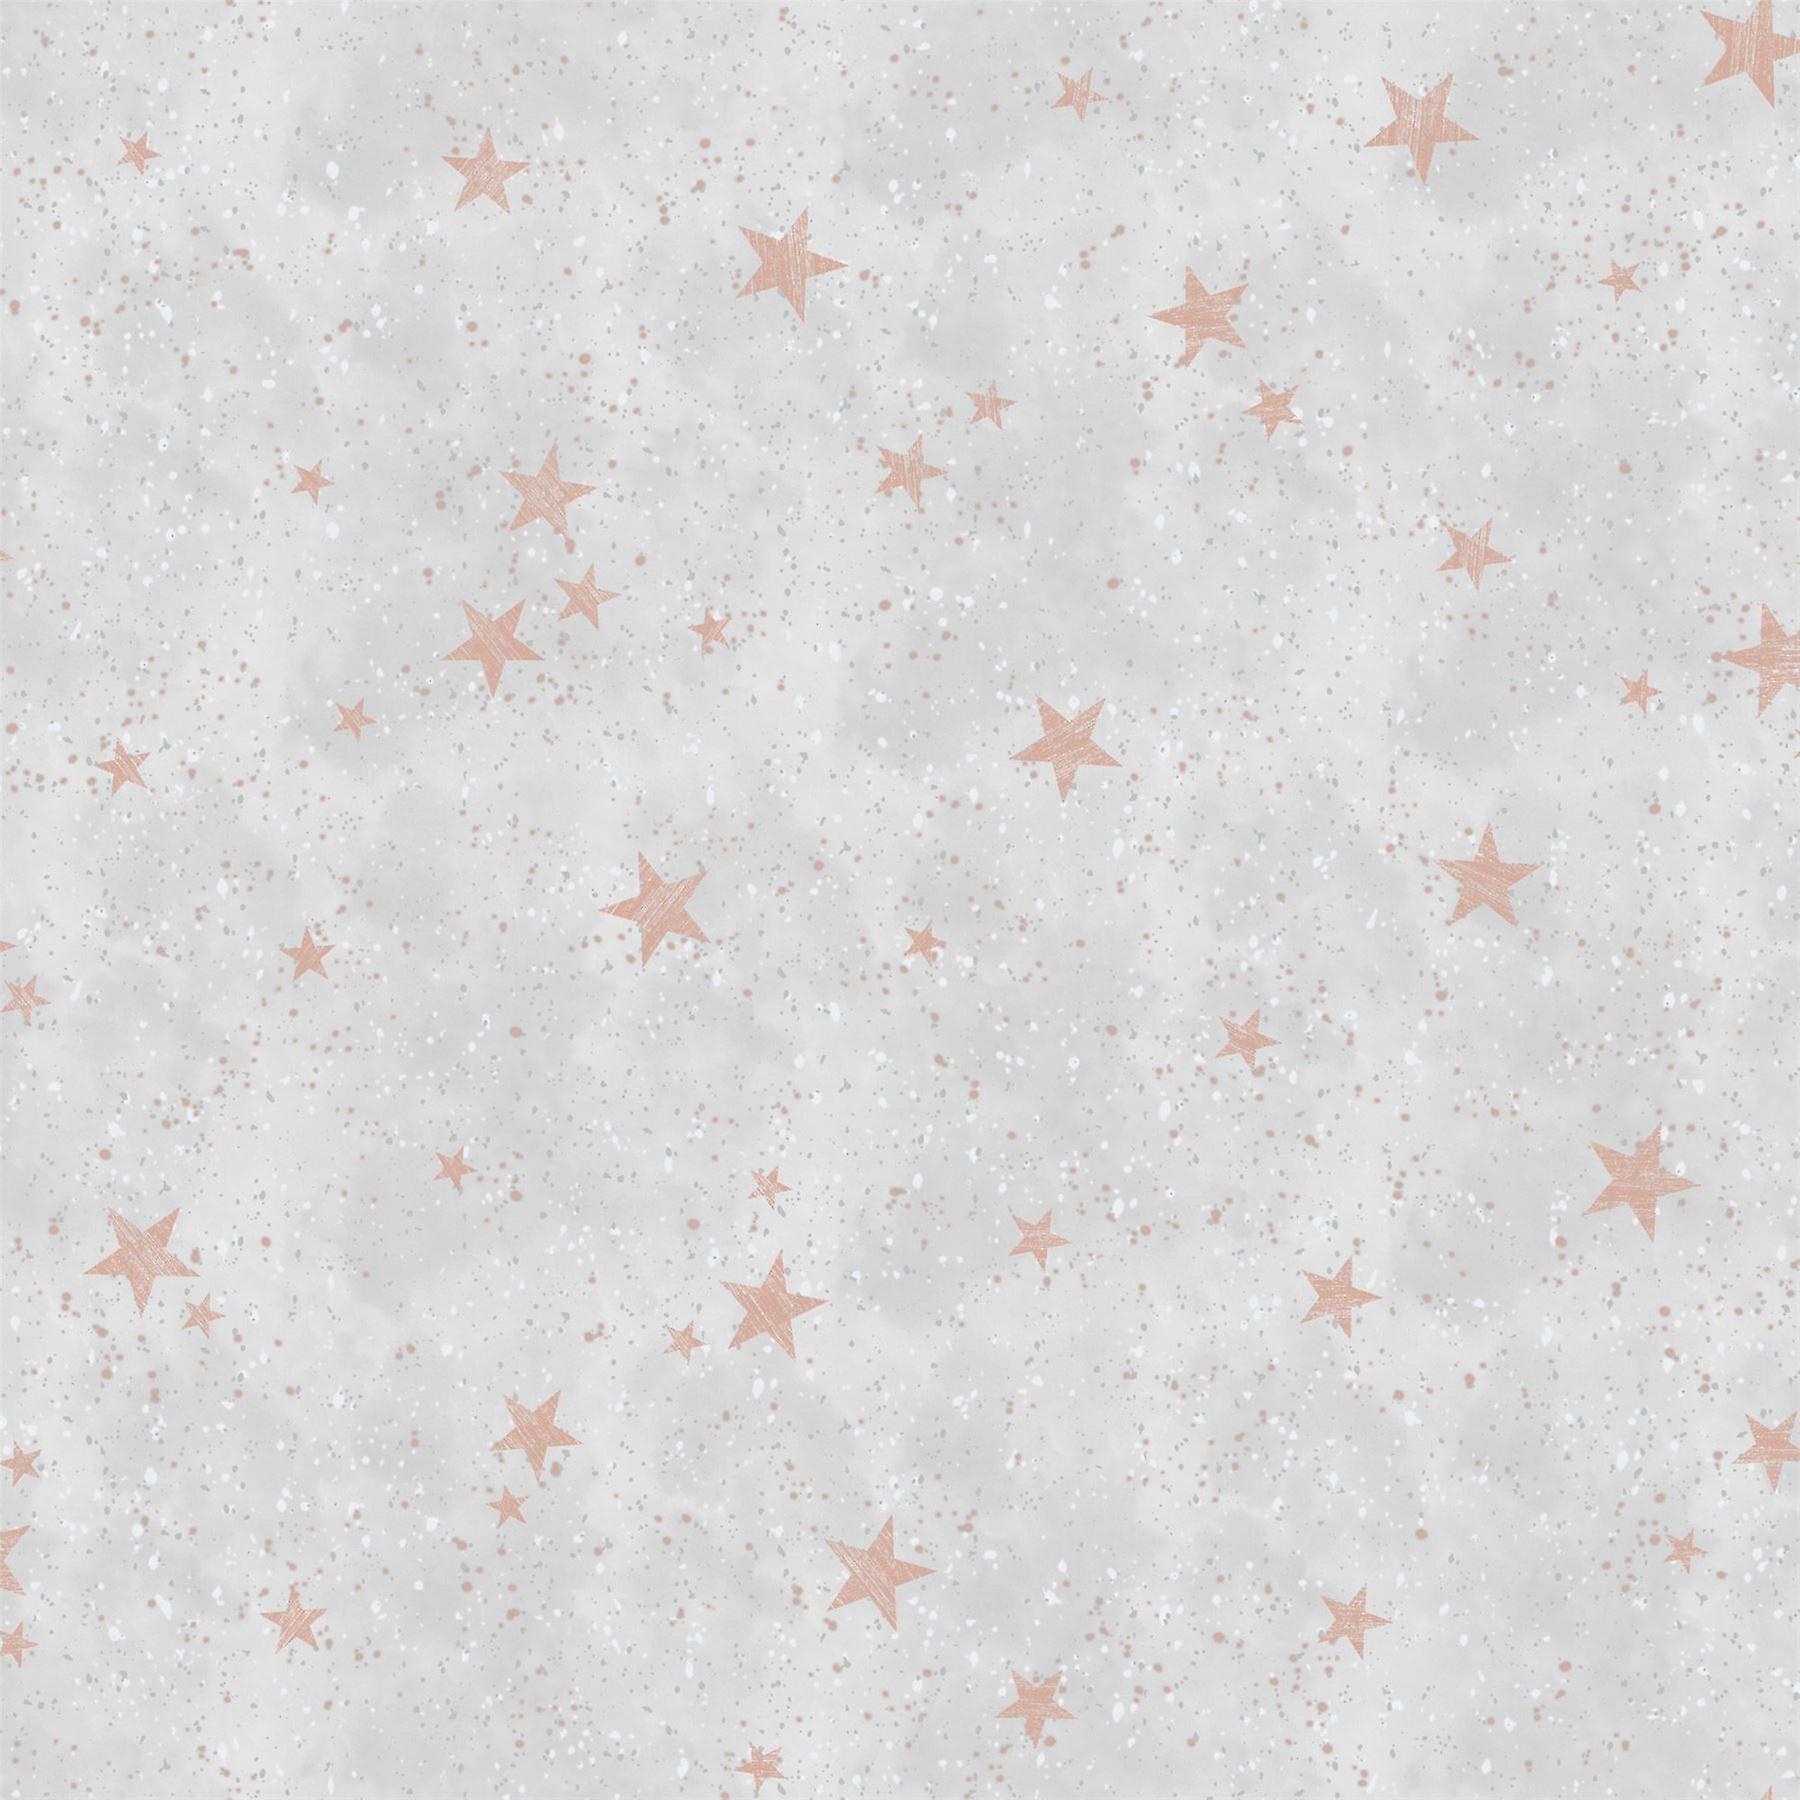 Starlight Stars Rose Gold Wallpaper Grey White Metallic Shimmer Childrens